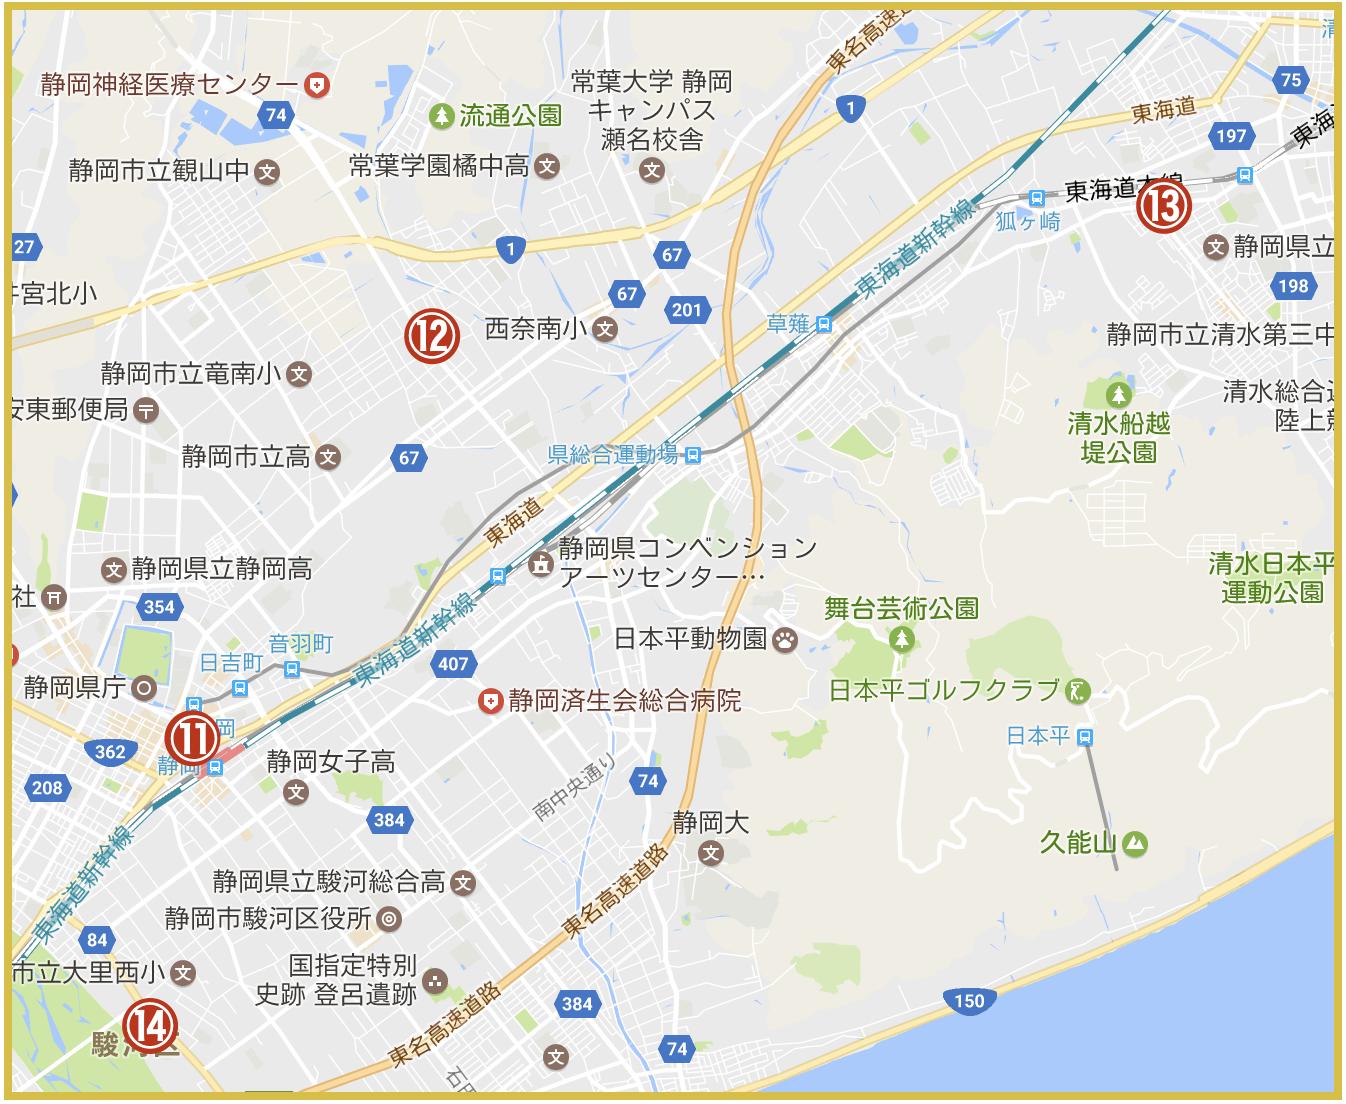 静岡県静岡市にあるプロミス店舗・ATM(2020年版)